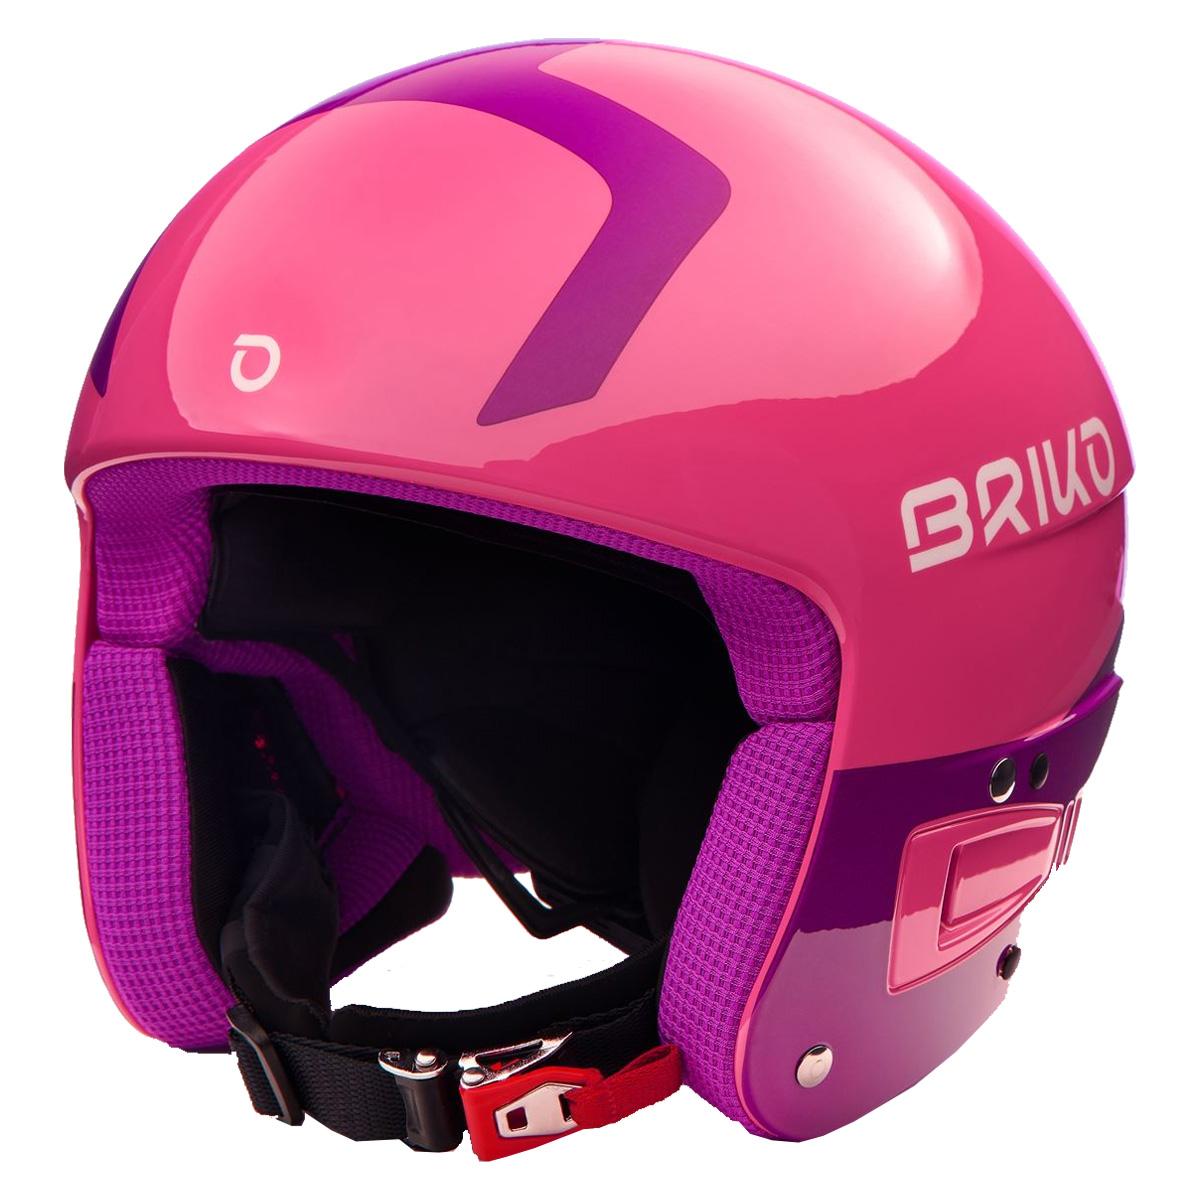 Casco sci Briko Vulcano Fis 6.8 (Colore: shiny pink violet, Taglia: XS)